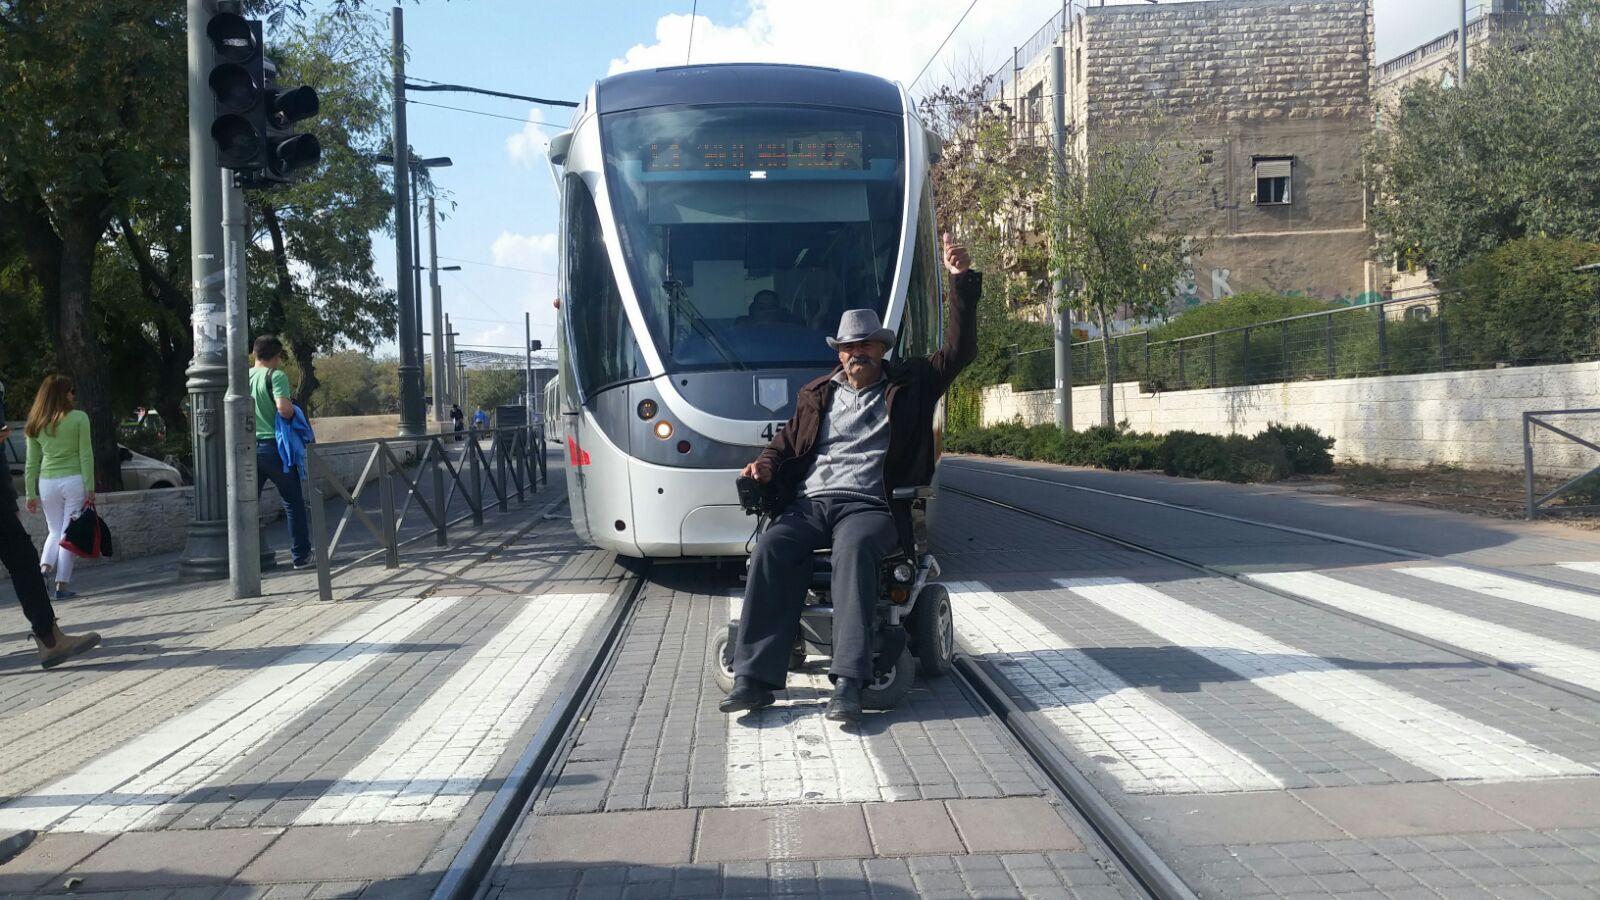 הפגנת הנכים, חוסמים את תנועת הרכבת הקלה (צילום: אורן בן-חקון)